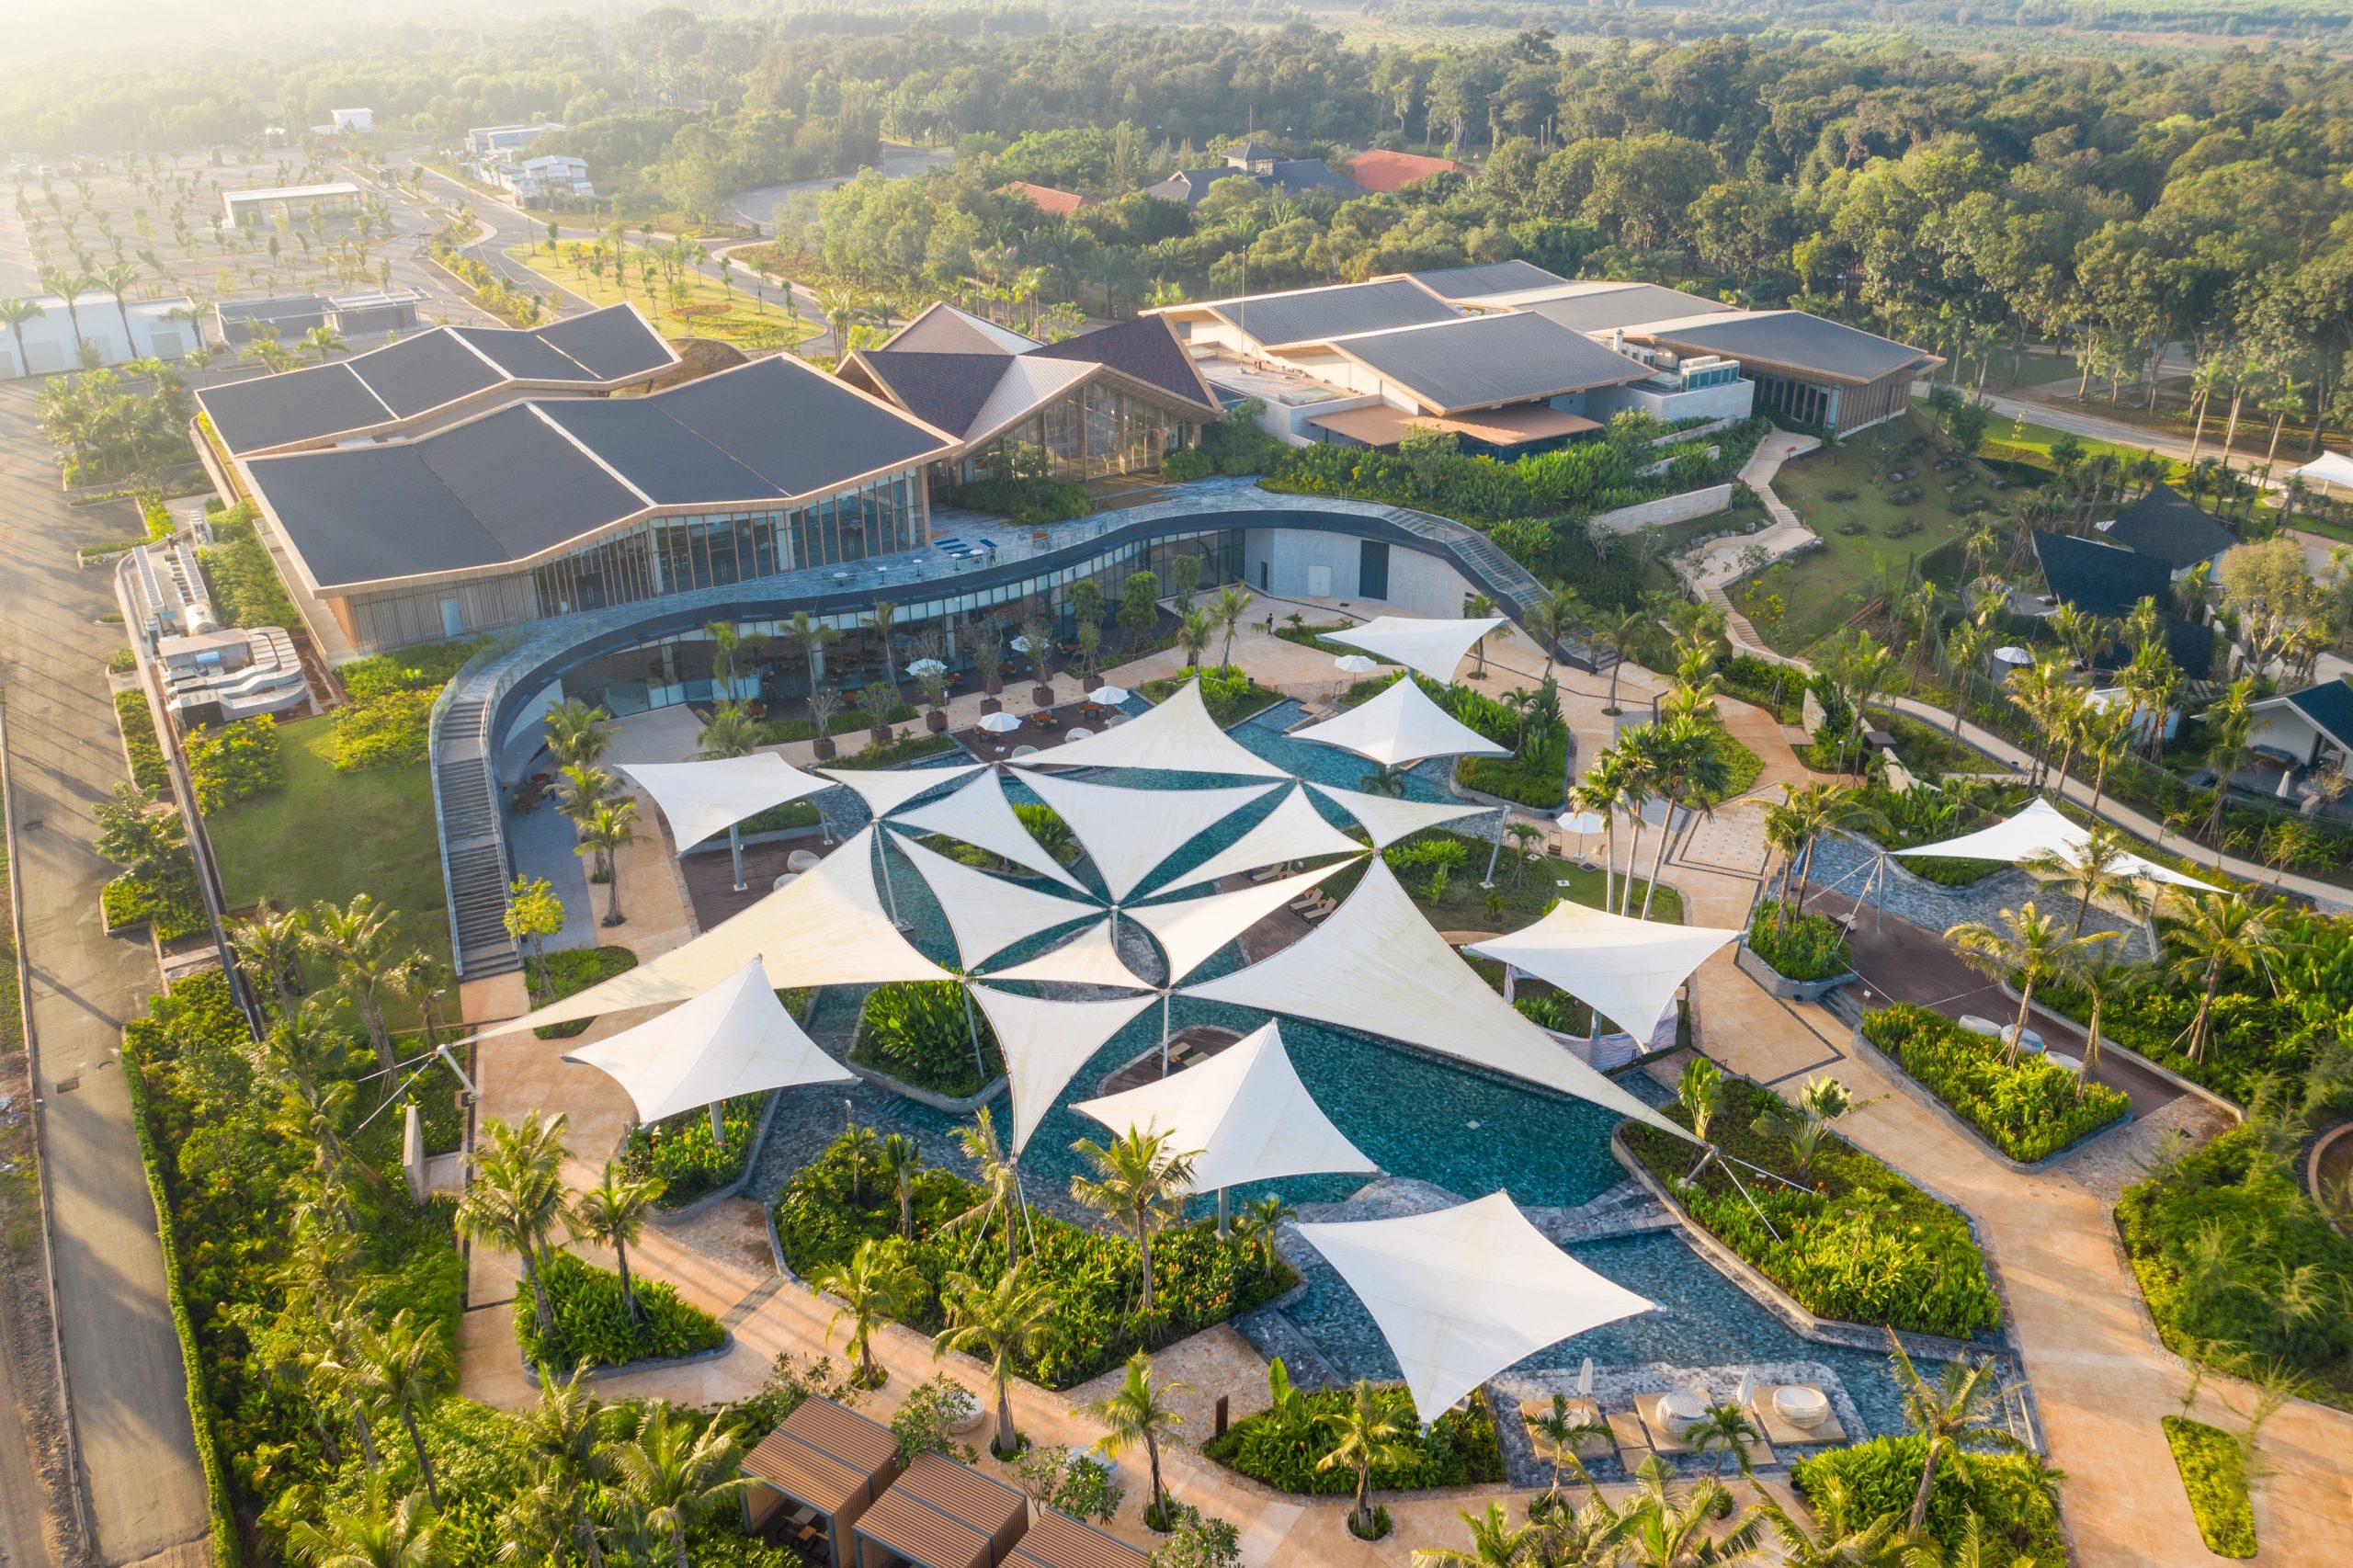 Minera Hot Springs Bình Châu (Khoáng Nóng Thiên Nhiên Bình Châu) – Điểm đến tuyệt vời cho cuối tuần sát sạt Sài Gòn